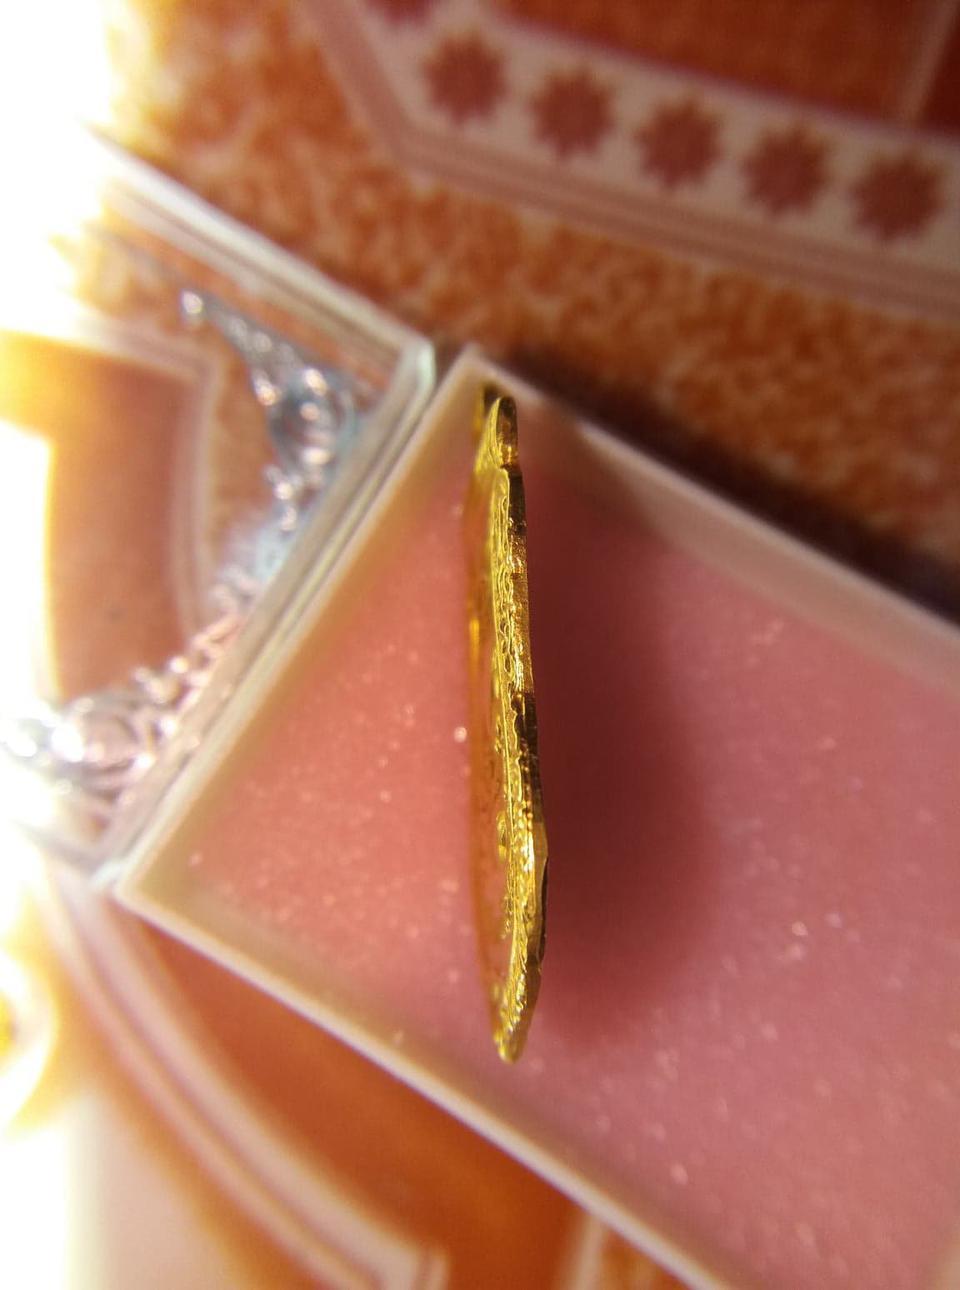 เหรียญลงยาสีแดงวัดช้างให้ปี 04 เนื้อทองคำแท้ สนใจทักมาได้ รูปที่ 3